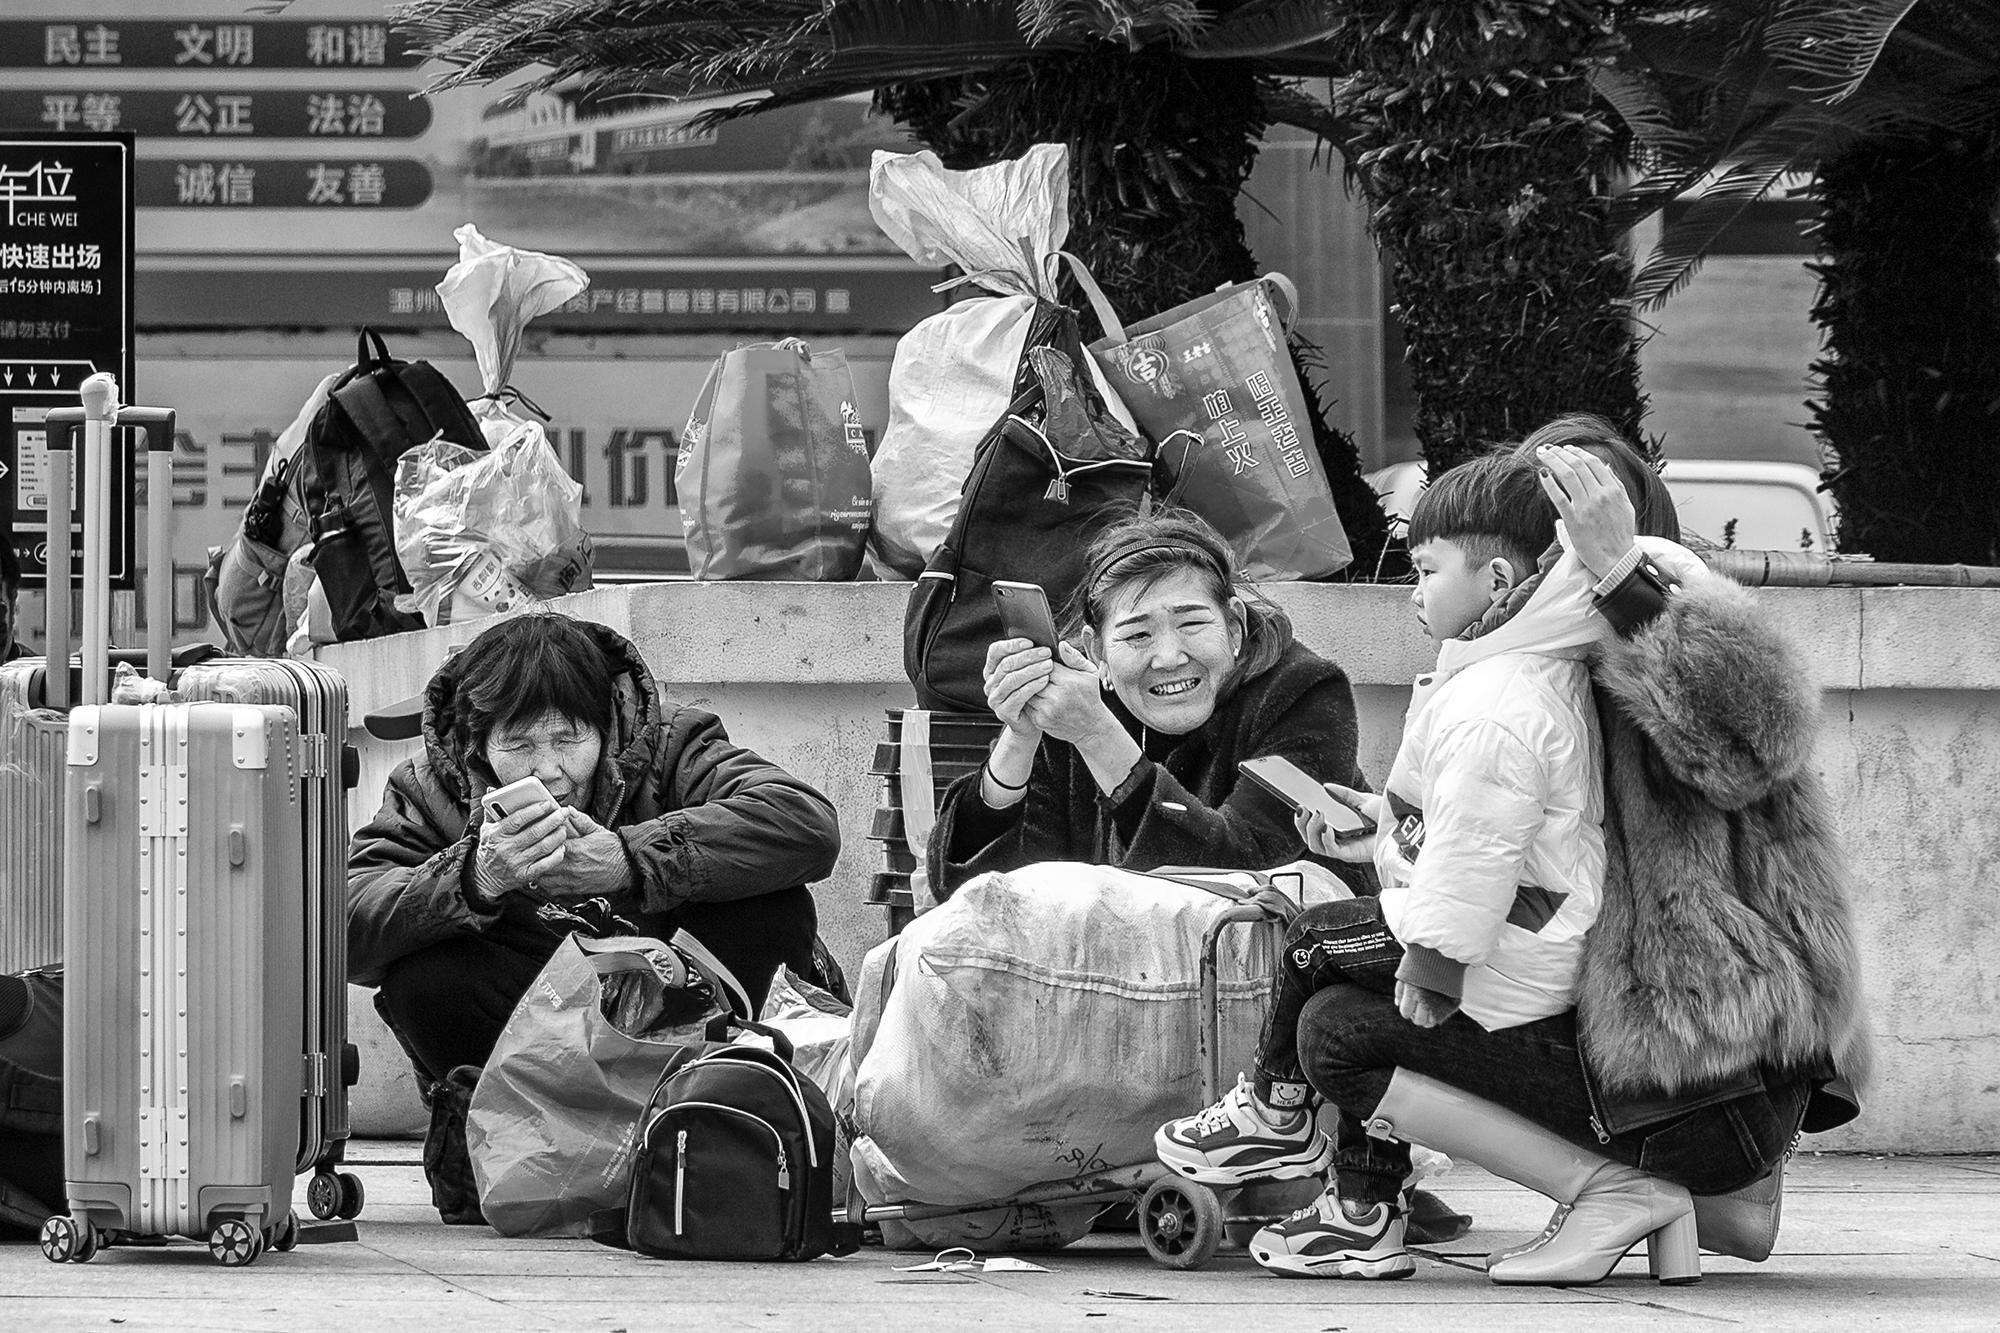 火车站拍春运_(11)b.jpg